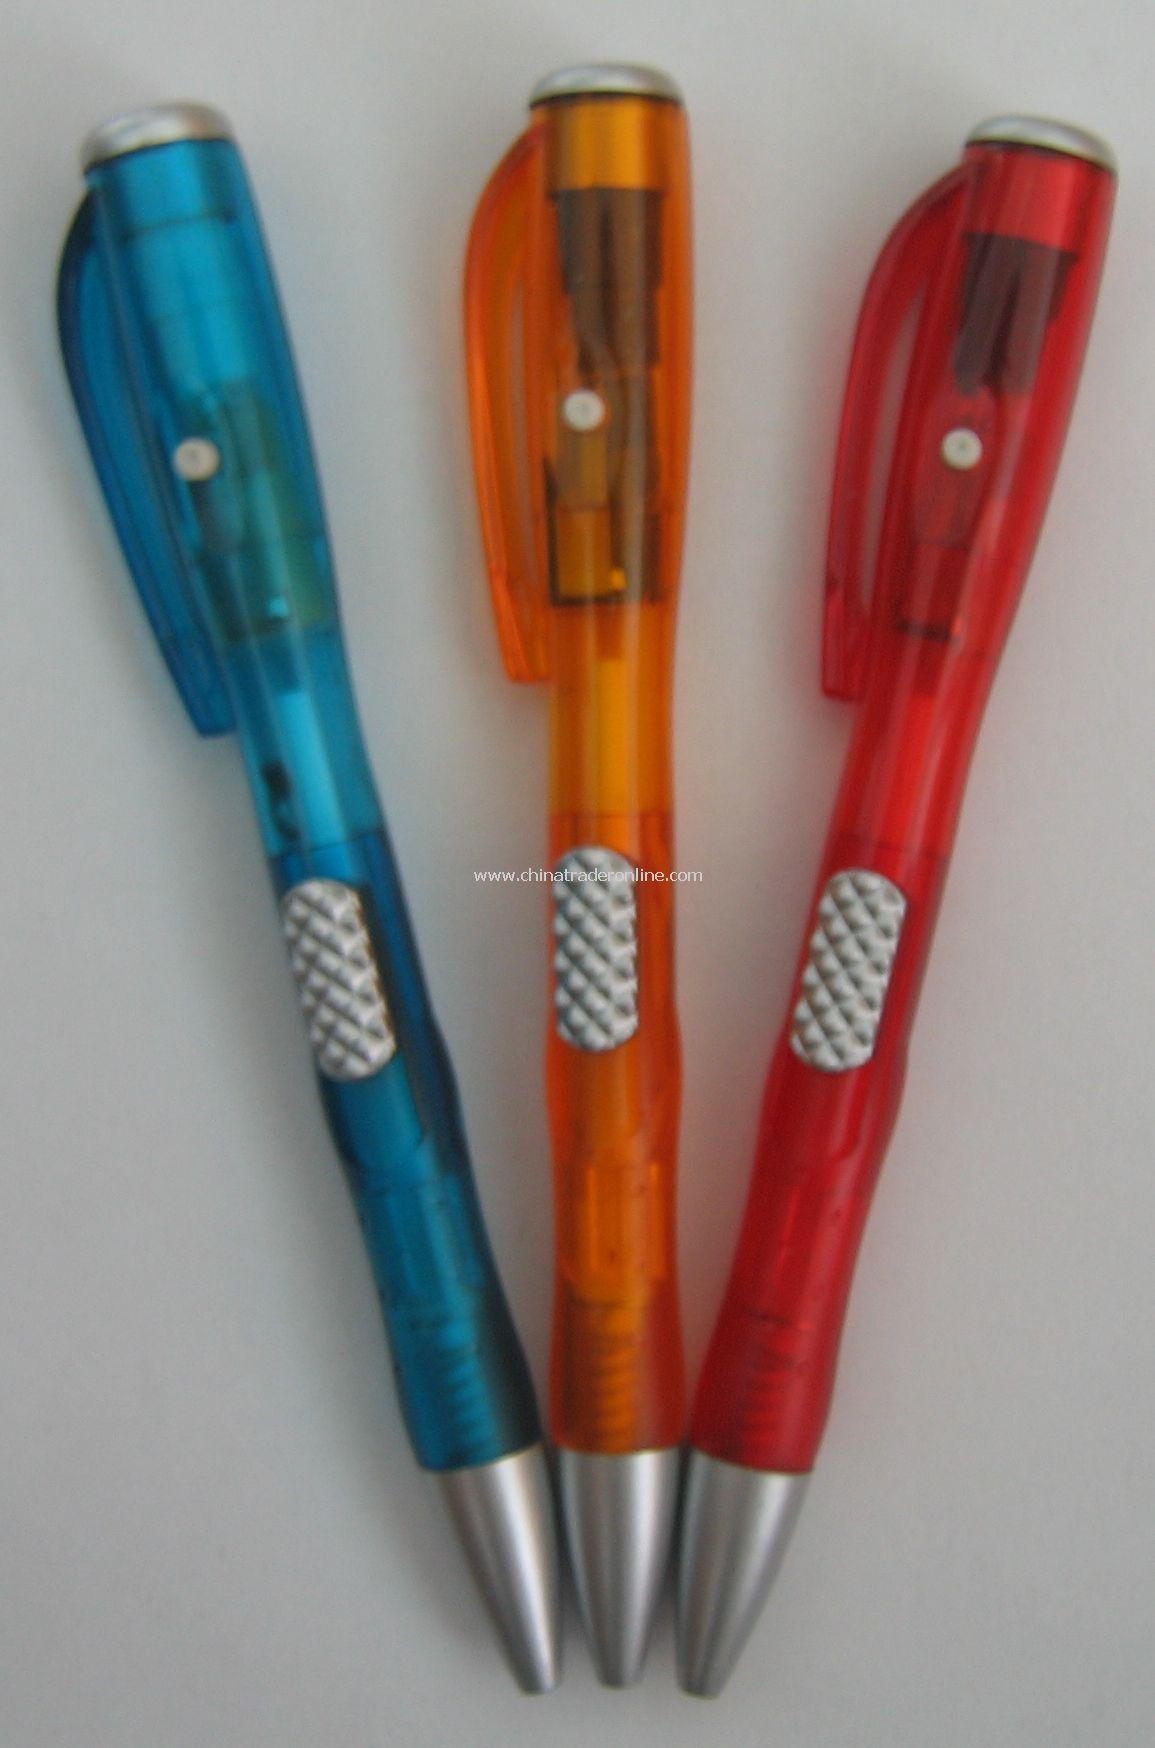 Plastic material projector pen